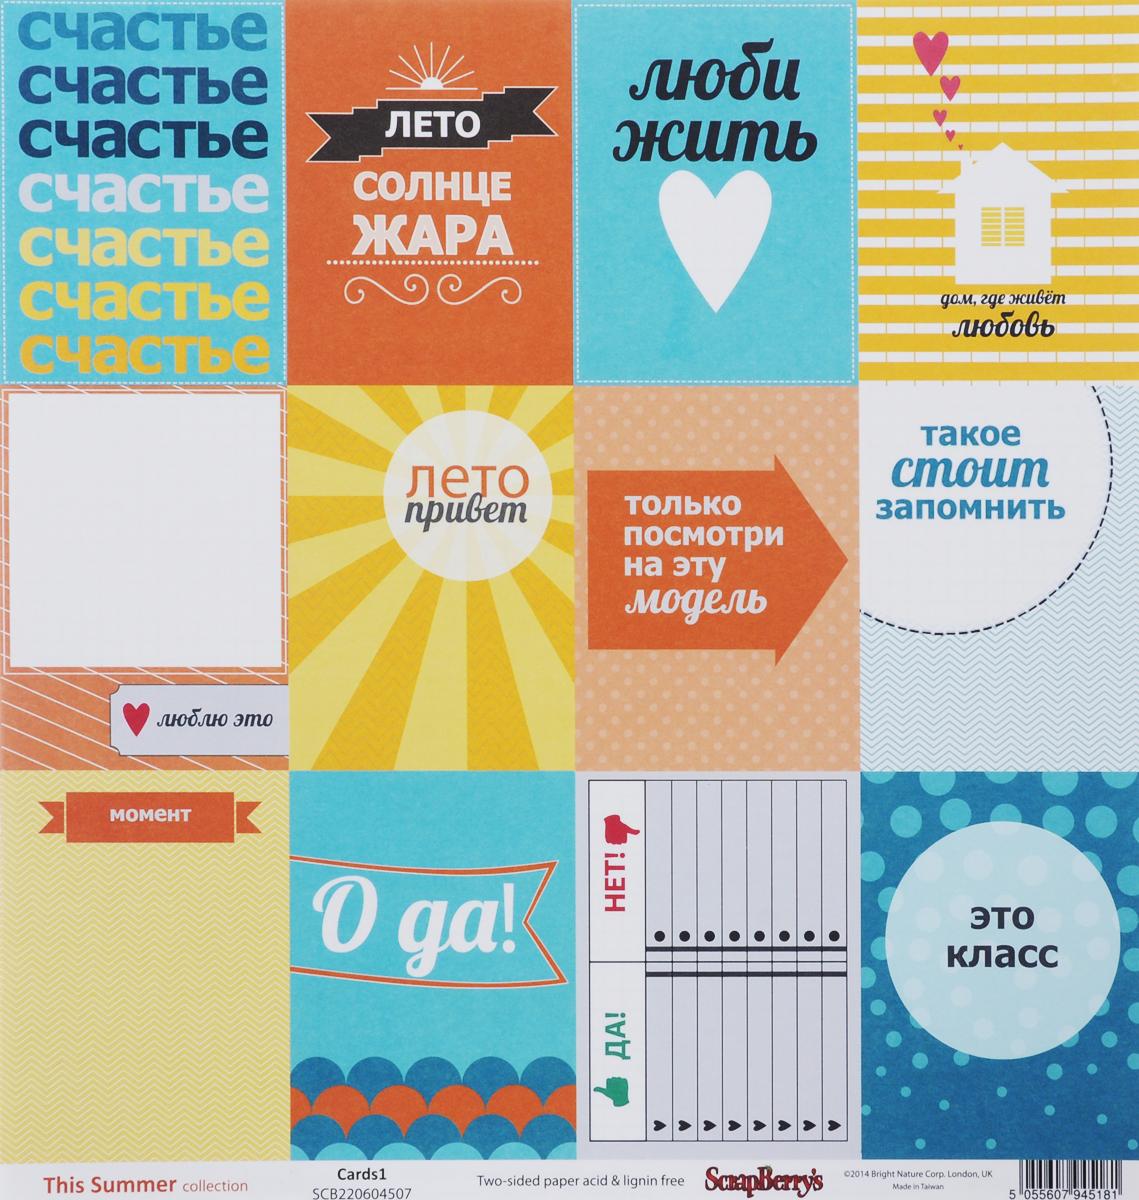 Бумага для скрапбукинга ScrapBerrys Летние карточки, 30,5 х 30,5 см, 10 листов14562-15Бумага для скрапбукинга ScrapBerrys Летние карточки позволит создать красивый альбом, фоторамку или открытку ручной работы, оформить подарок или аппликацию. Набор включает в себя 10 листов из плотной бумаги с односторонней печатью. Бумага не содержит кислоты и лигнина.Скрапбукинг - это хобби, которое способно приносить массу приятных эмоций не только человеку, который этим занимается, но и его близким, друзьям, родным. Это невероятно увлекательное занятие, которое поможет вам сохранить наиболее памятные и яркие моменты вашей жизни, а также интересно оформить интерьер дома. Размер листа: 30,5 х 30,5 см.